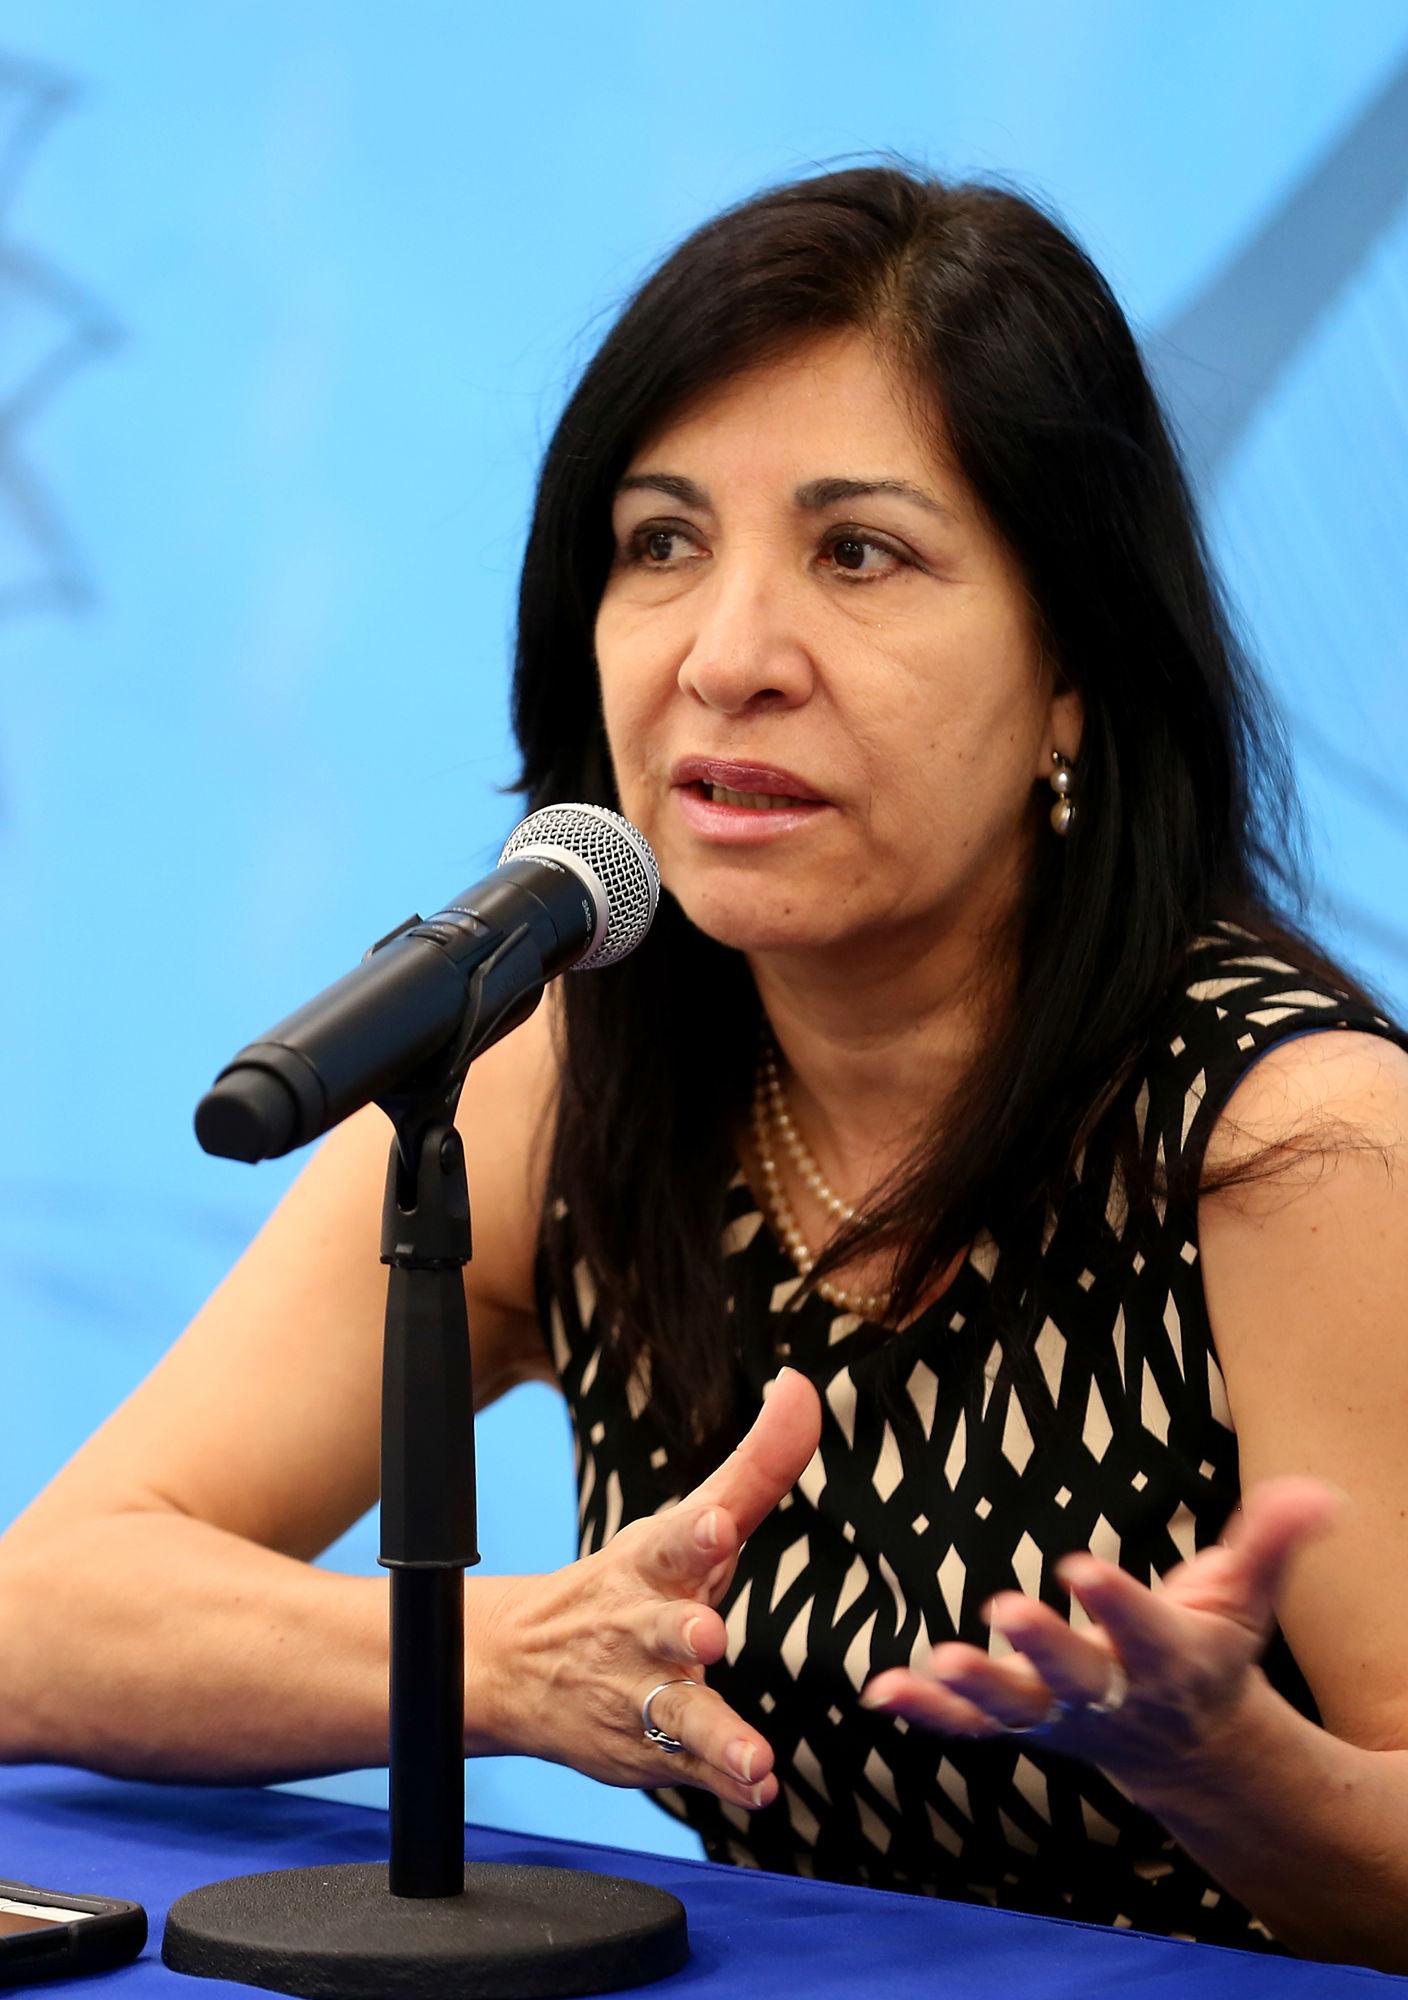 Elizabeth Moreno, directora de Publicaciones de la Universidad Autónoma de Sinaloa, invitado de esta edición de la UANLeer